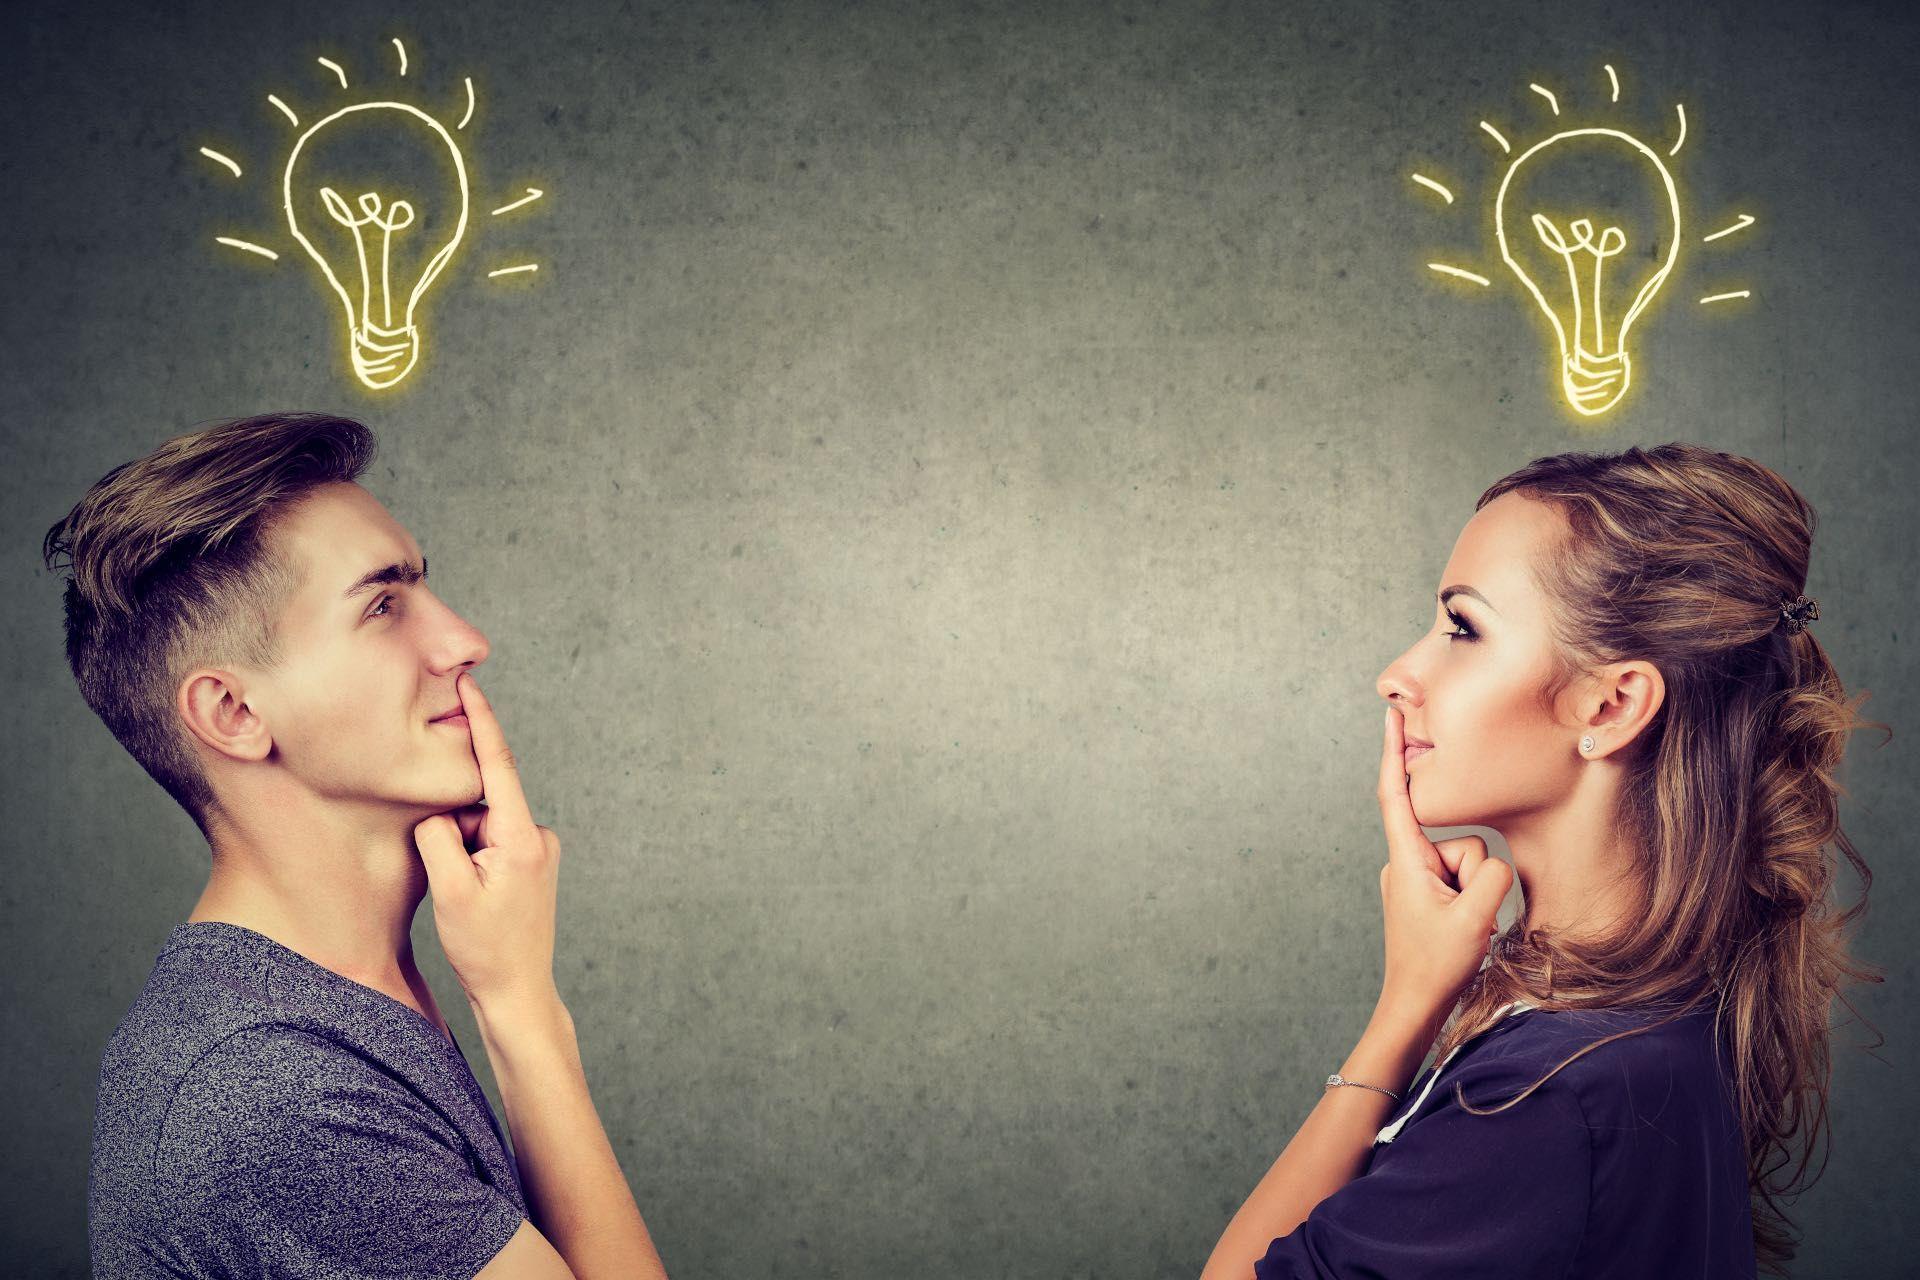 Framing, Teil 2: Die Kommunikationsstrategie aus praktischer Sicht